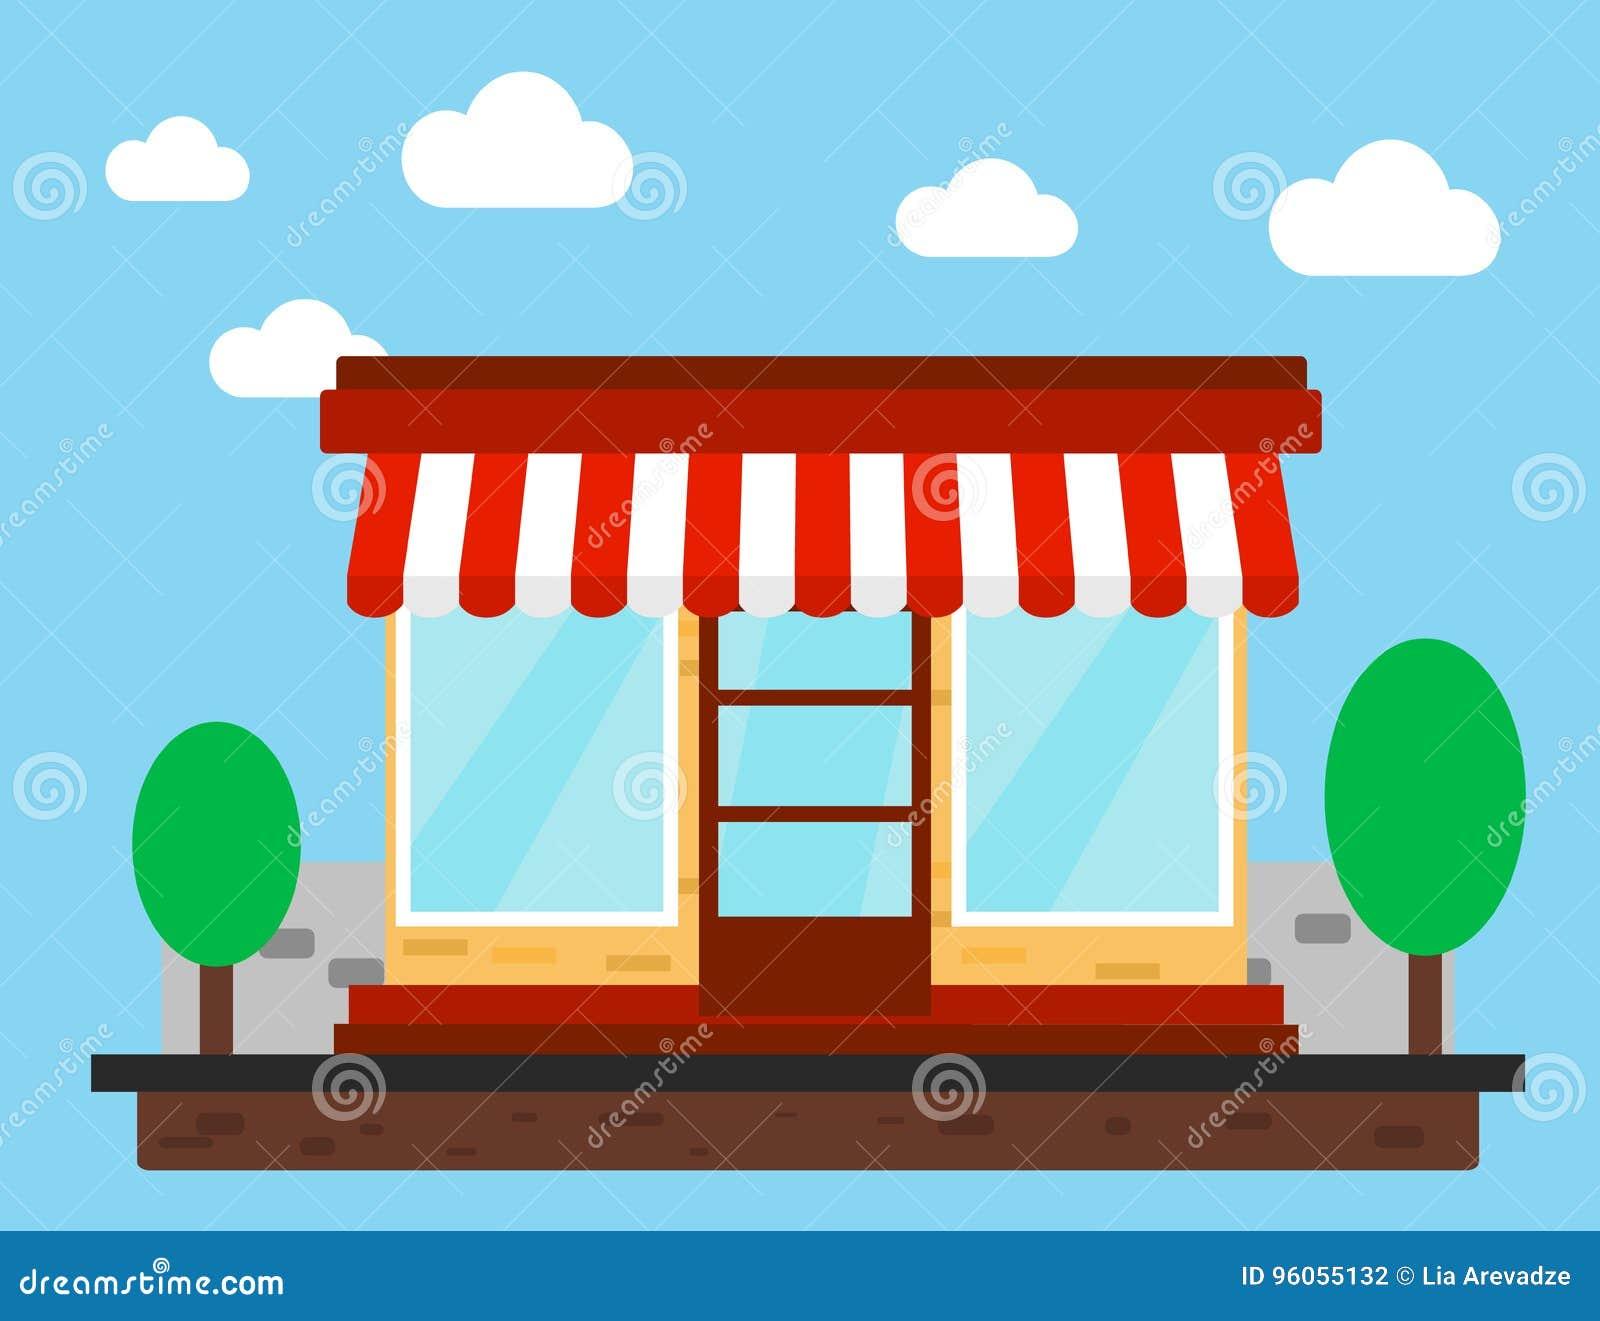 Magasin, boutique ou marché Front View Flat Design